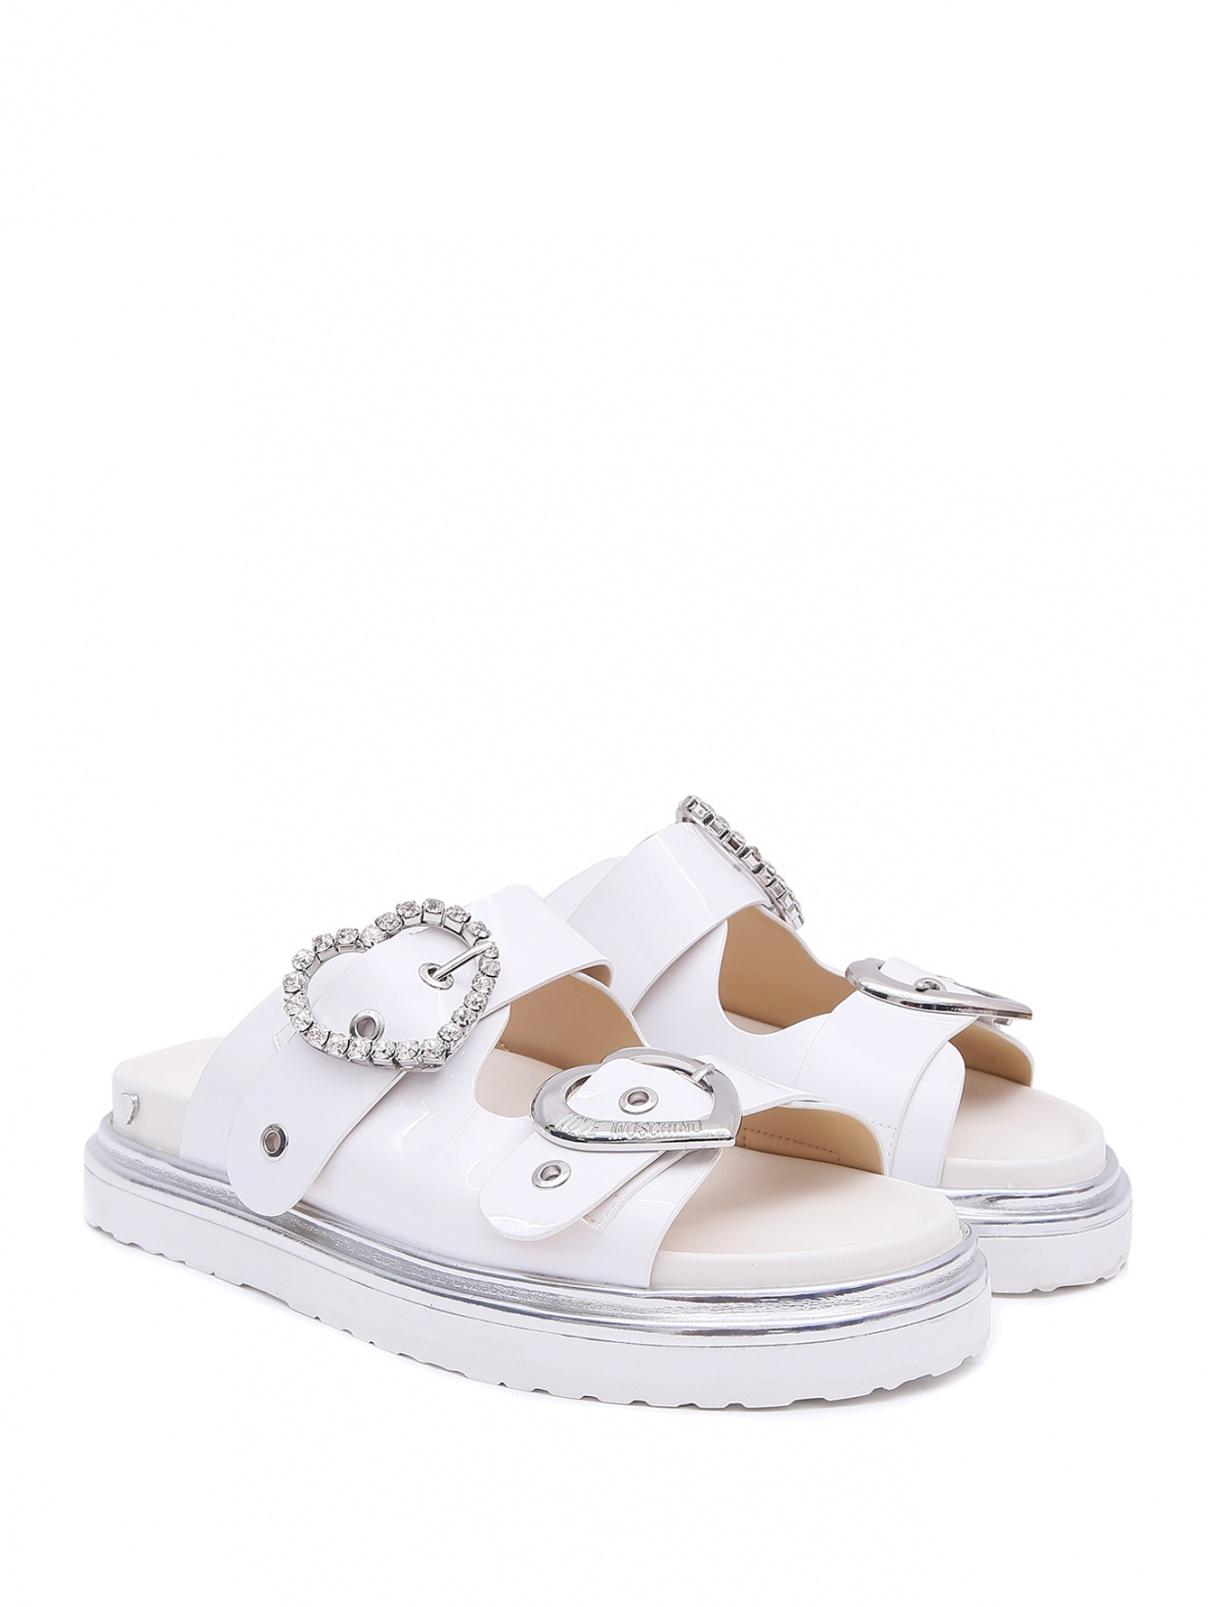 Сандалии на патформе с фигруной пряжкой Love Moschino  –  Общий вид  – Цвет:  Белый